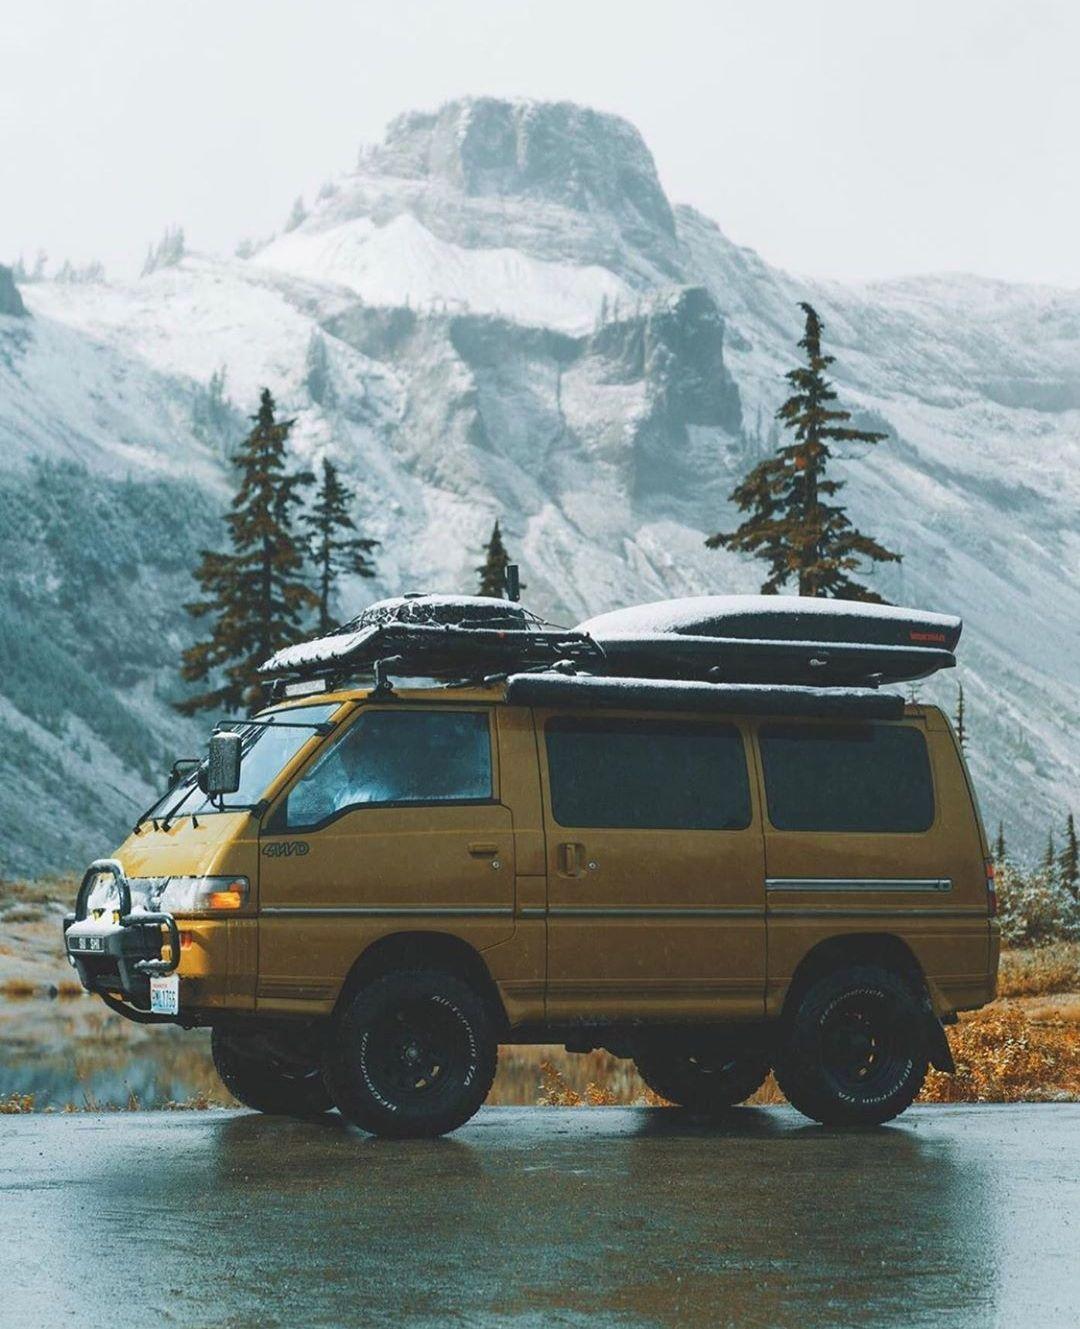 Pin by Howard Shegoi on Cool Camper Rigs Delica van, Van